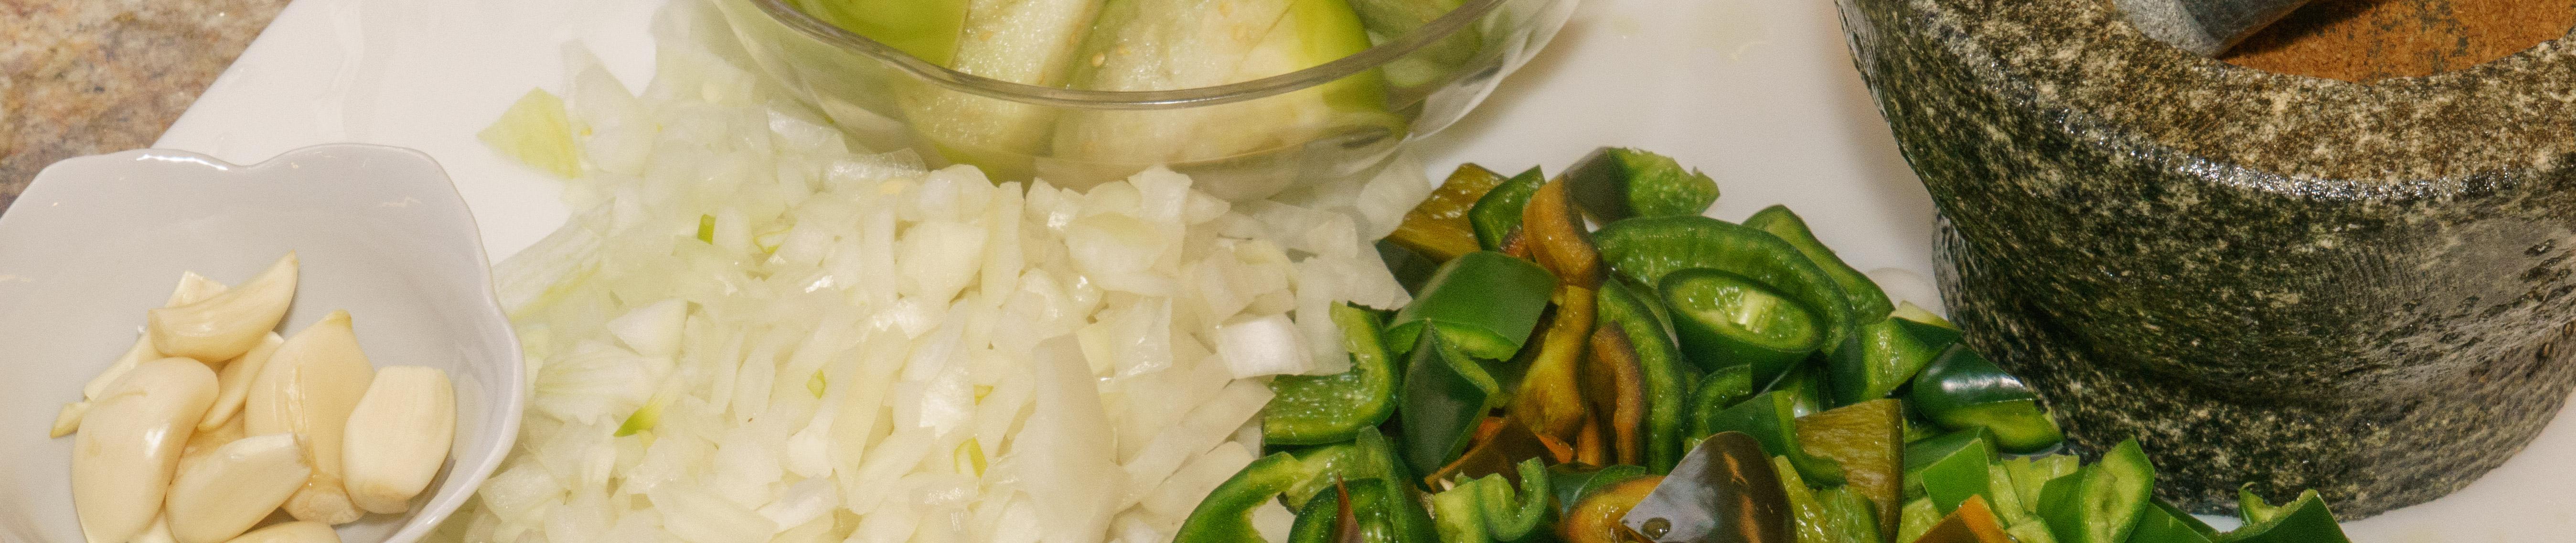 Chicken chili verde banner photo